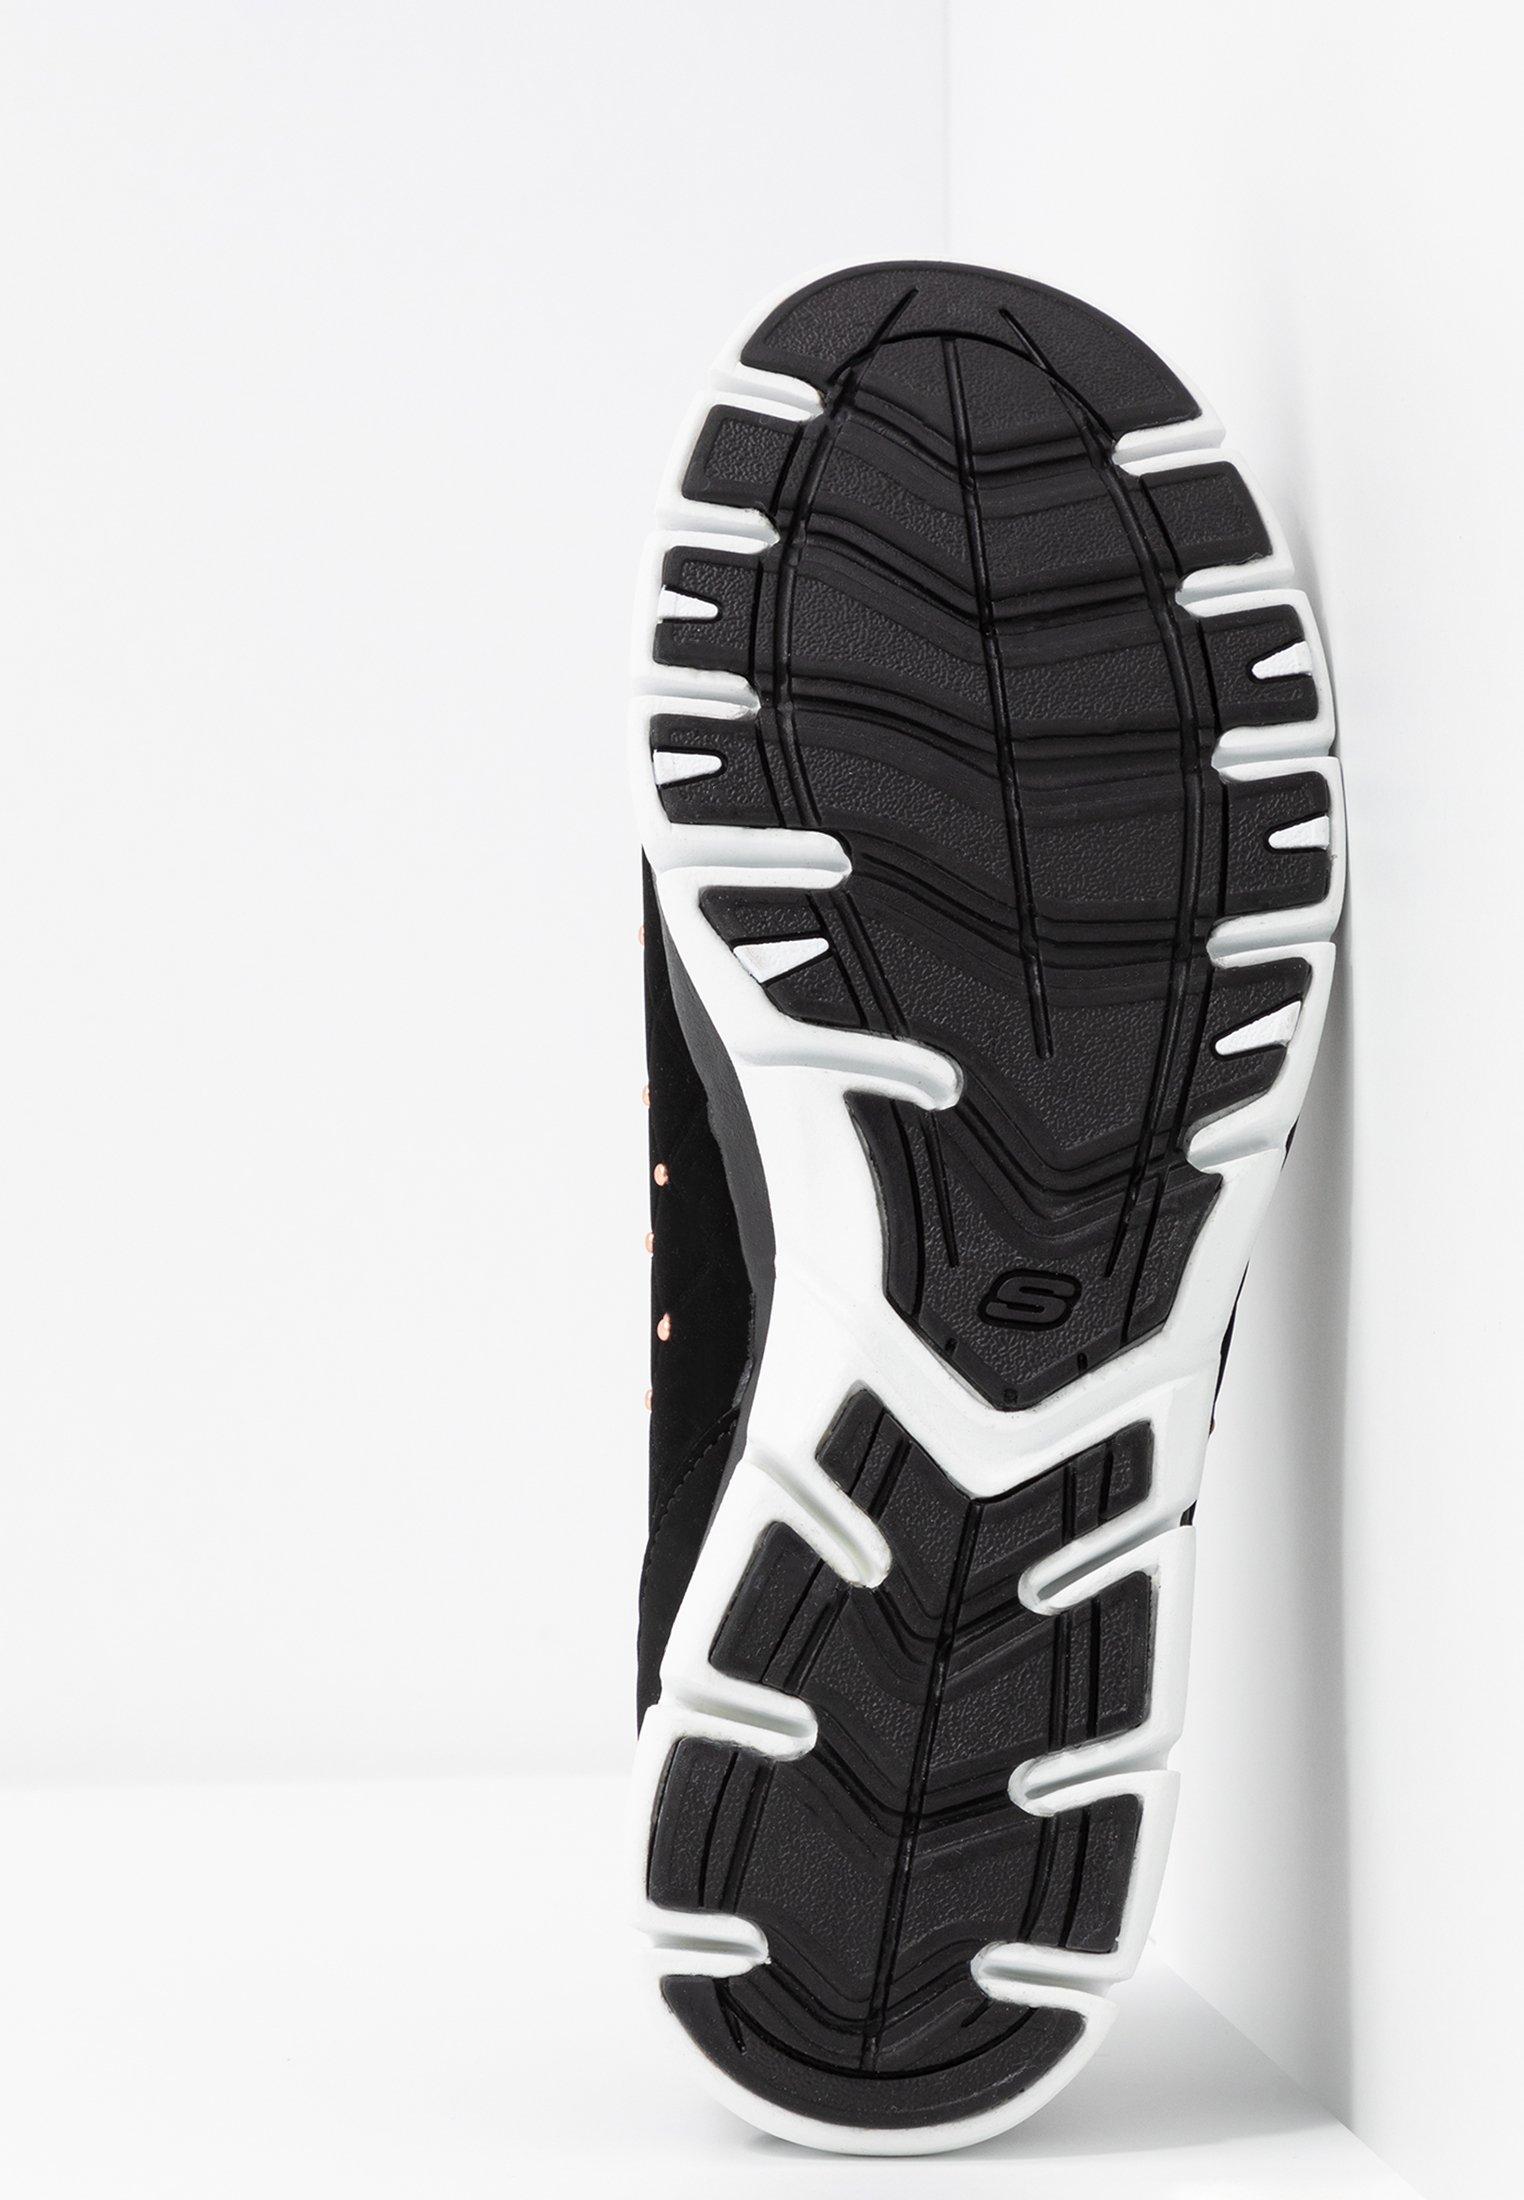 Skechers Gratis - Slippers Black/svart